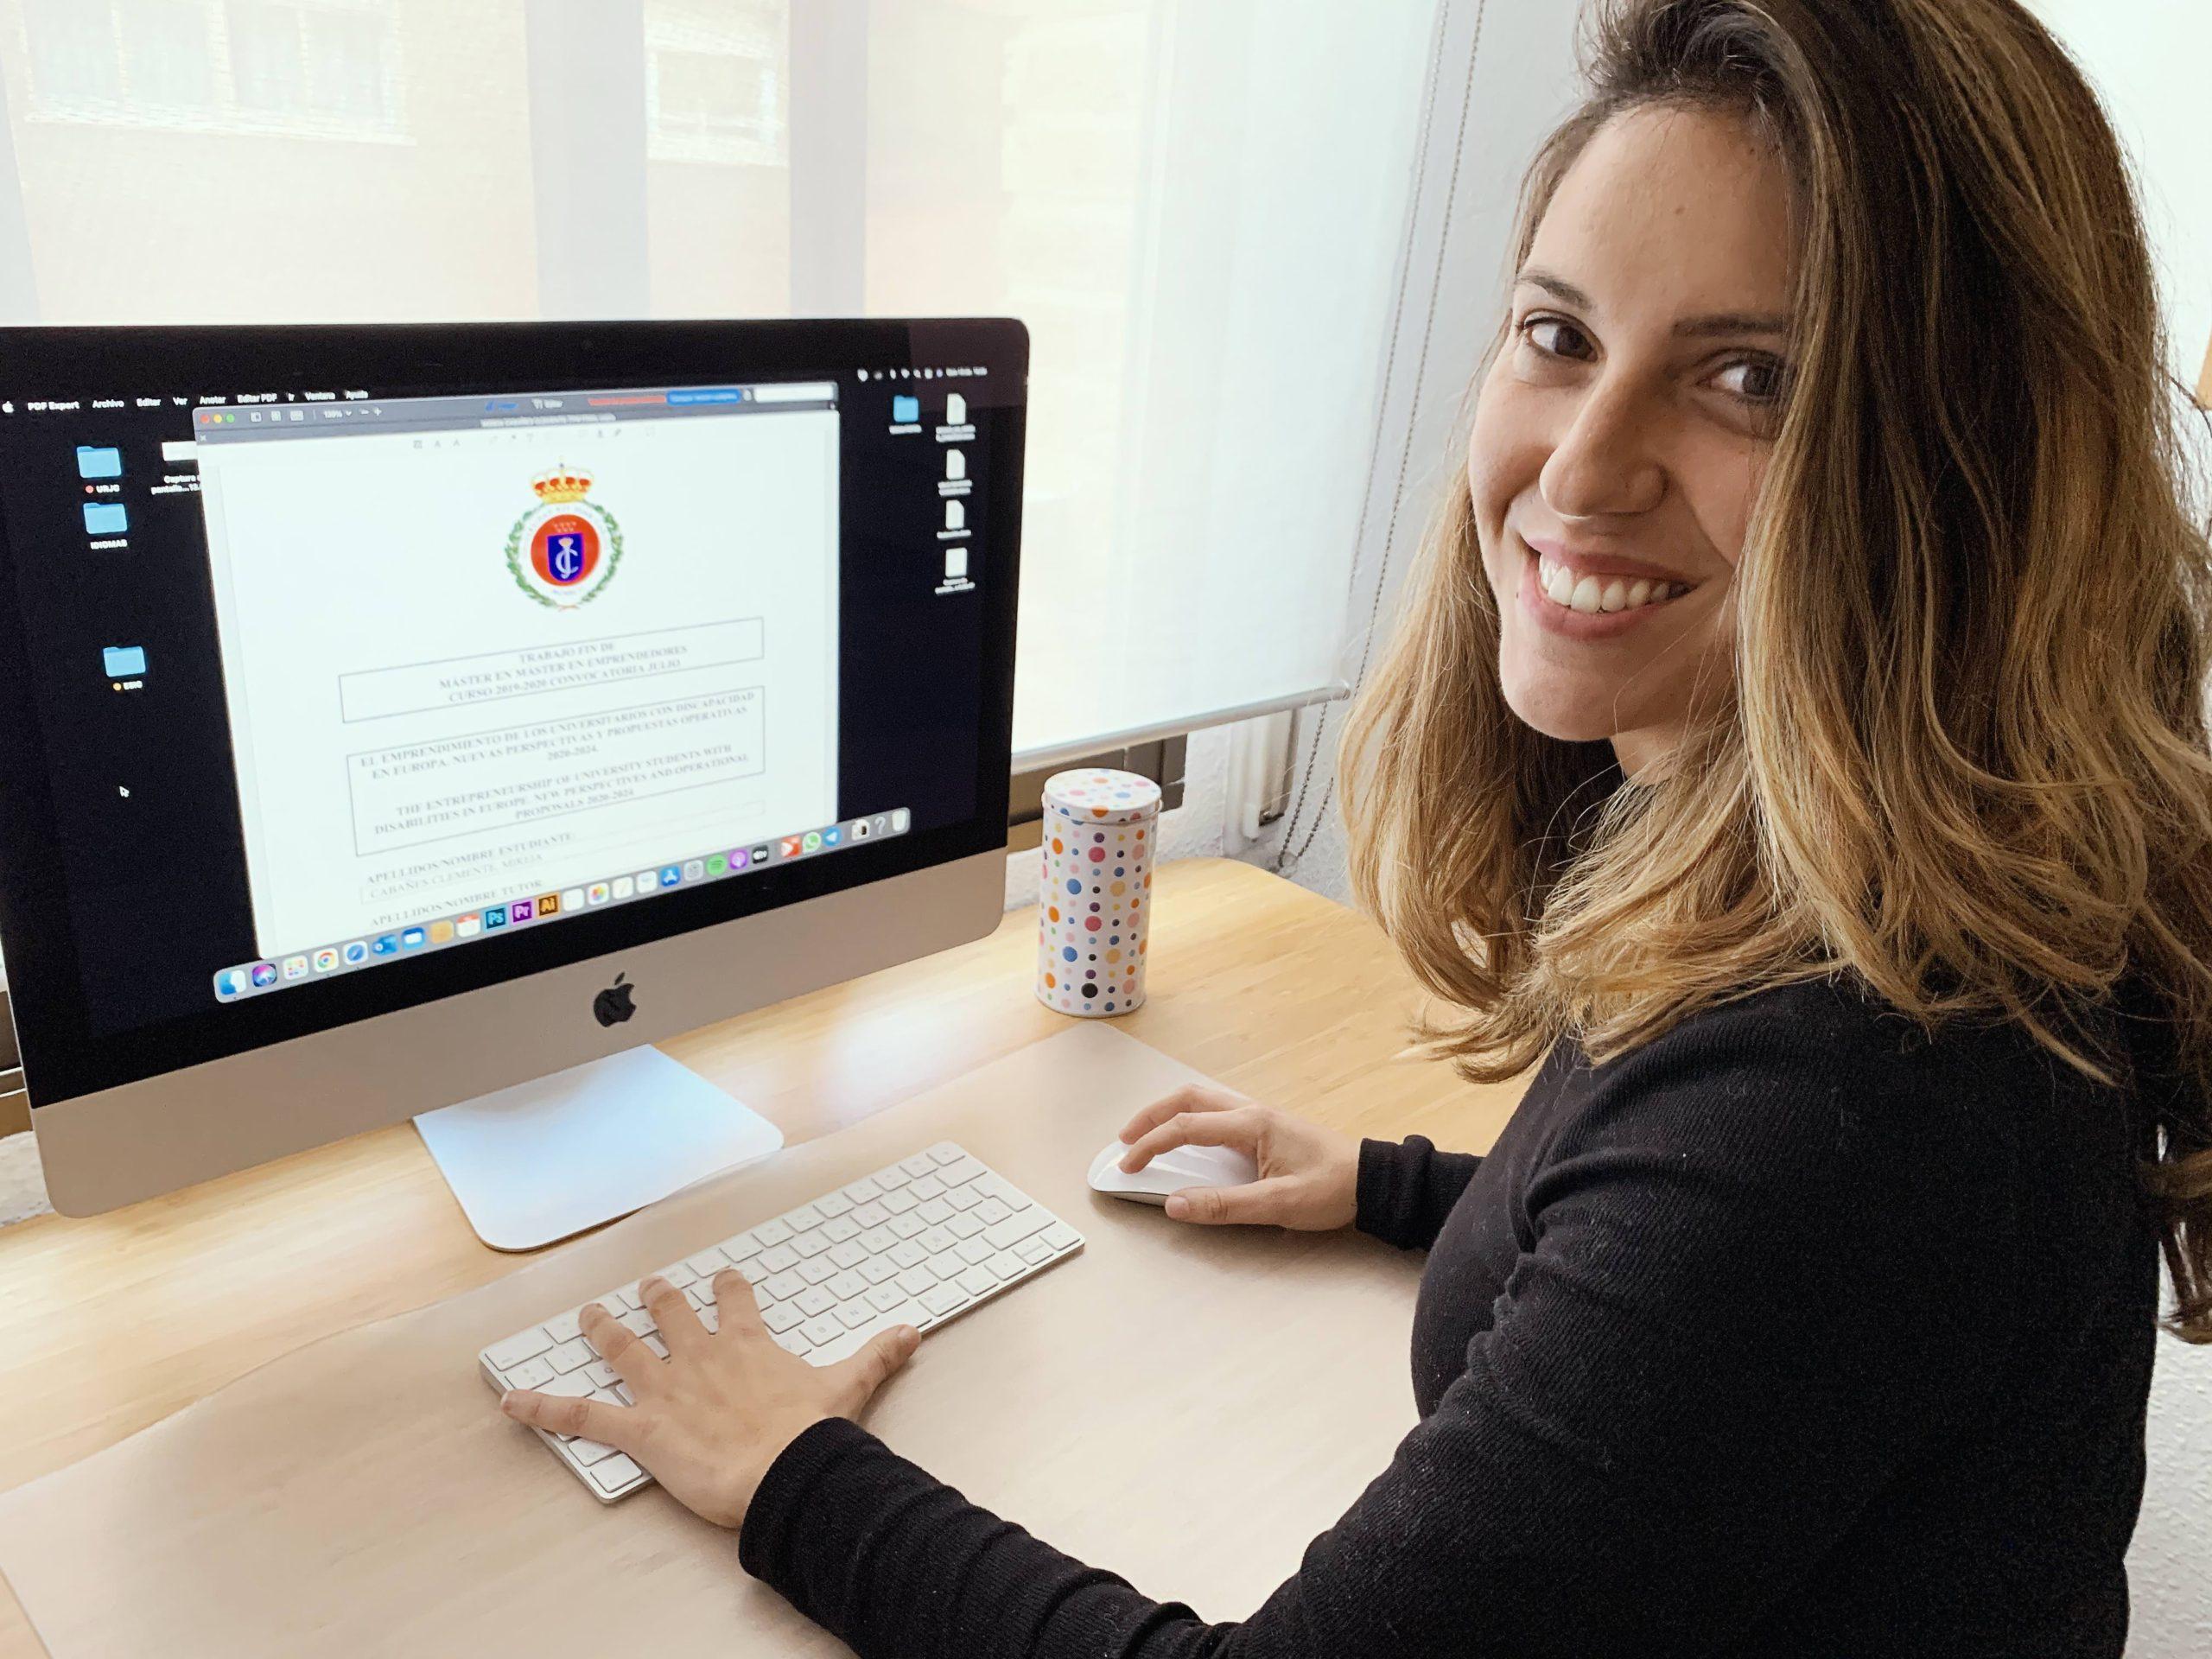 La emprendedora con discapacidad Mireia Cabañes premiada en la 'III Convocatoria de Premios del Consejo Social para Jóvenes Investigadores de la URJC'